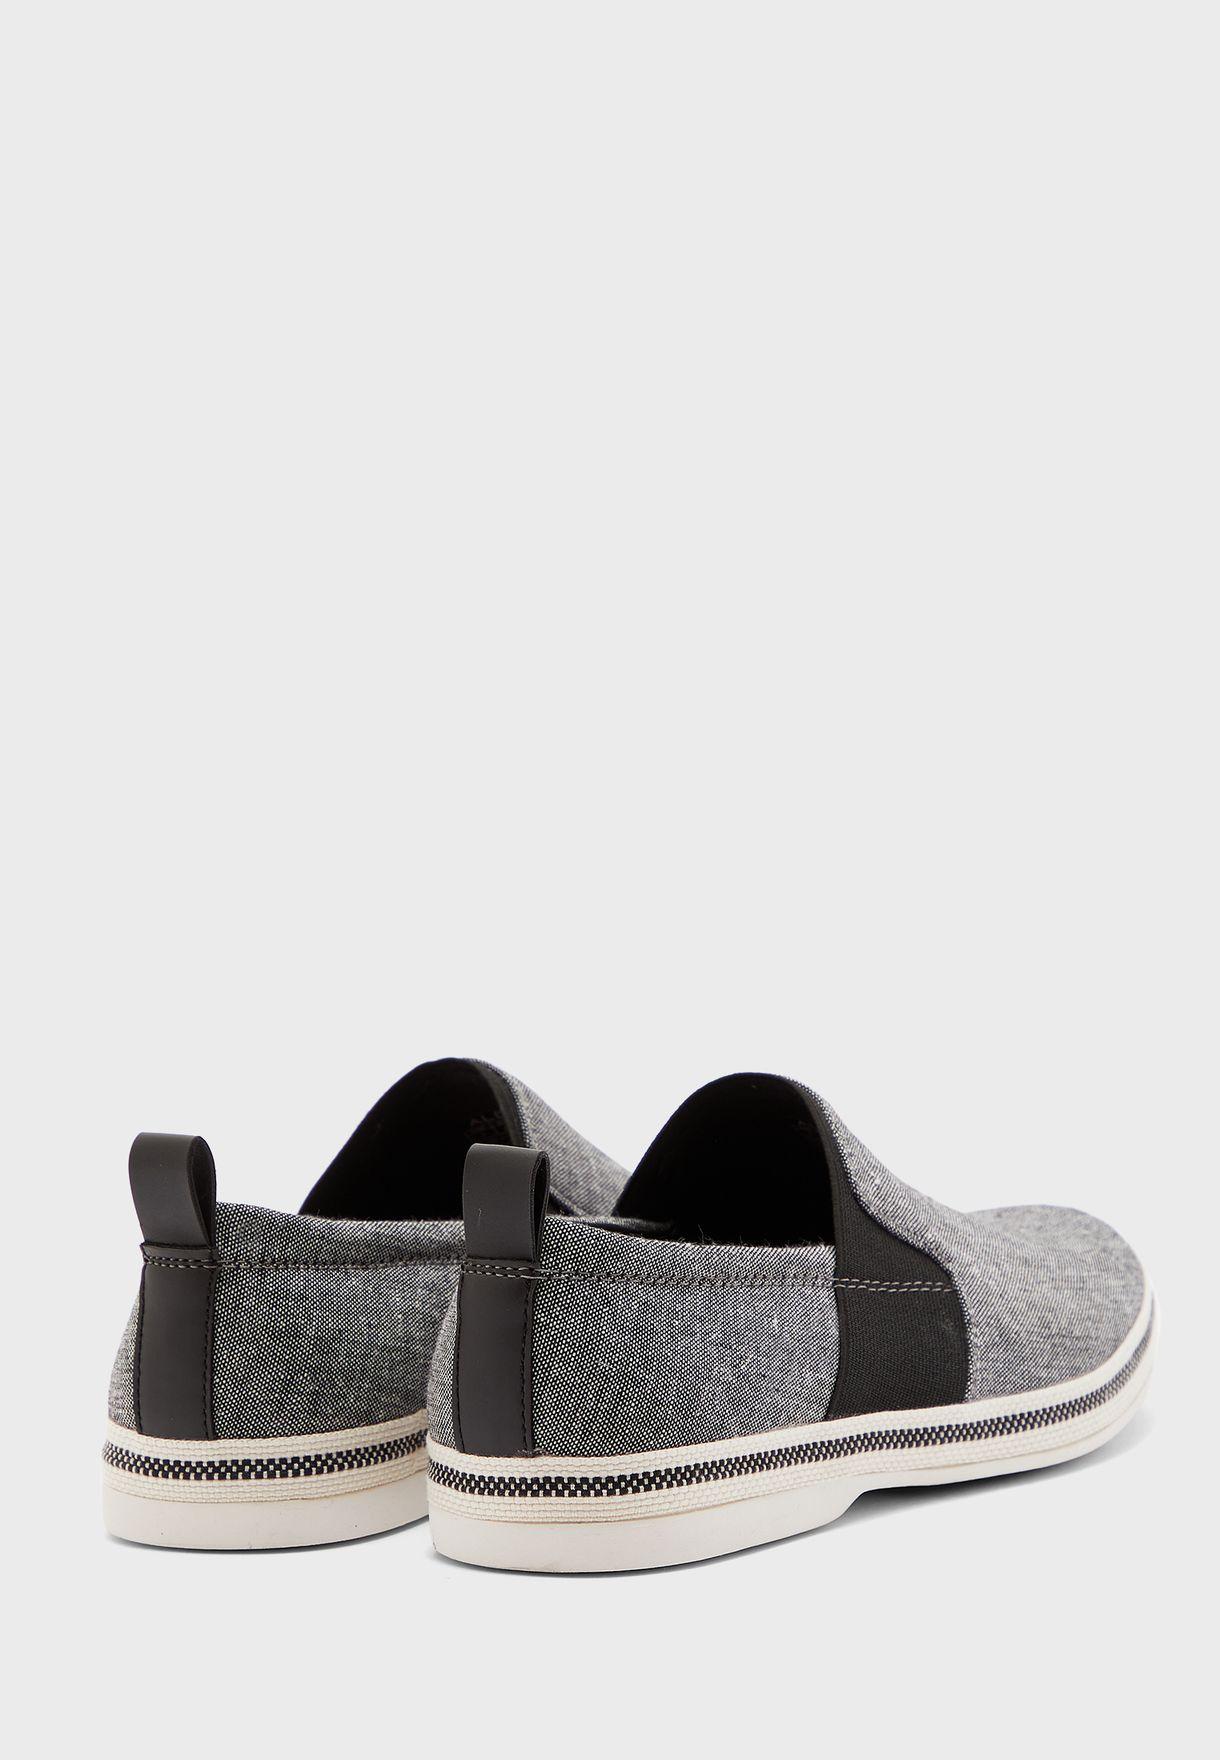 حذاء اسبادريل سهل الارتداء